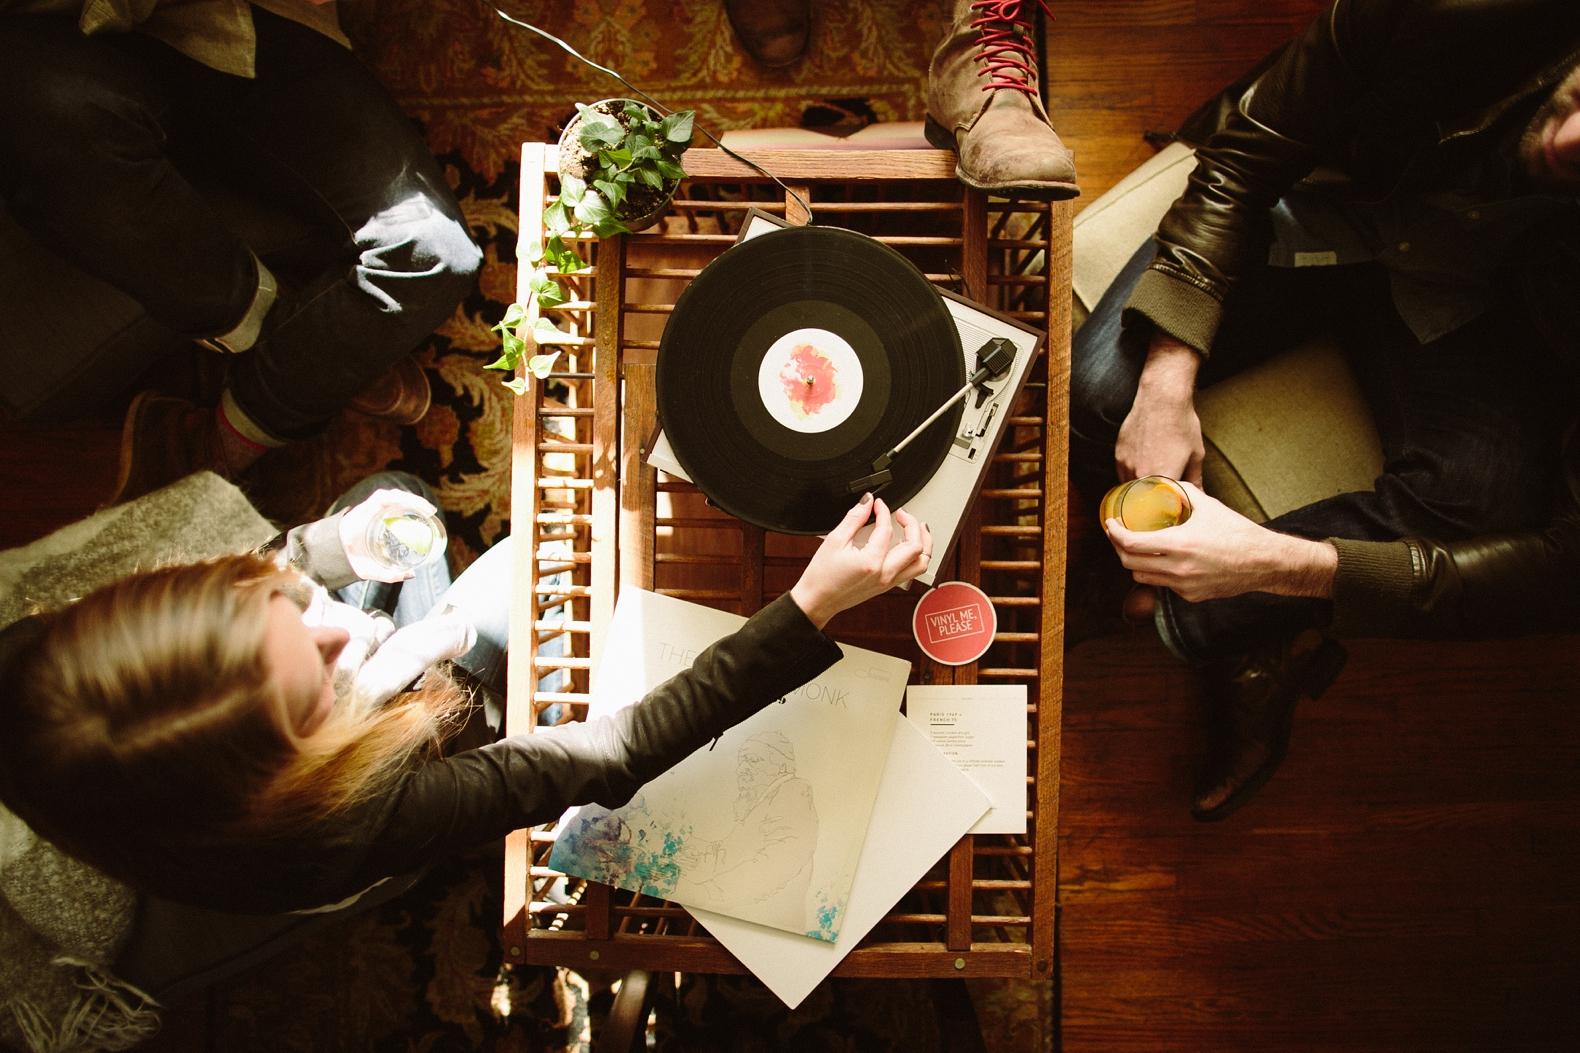 vinyl-me-please-0007